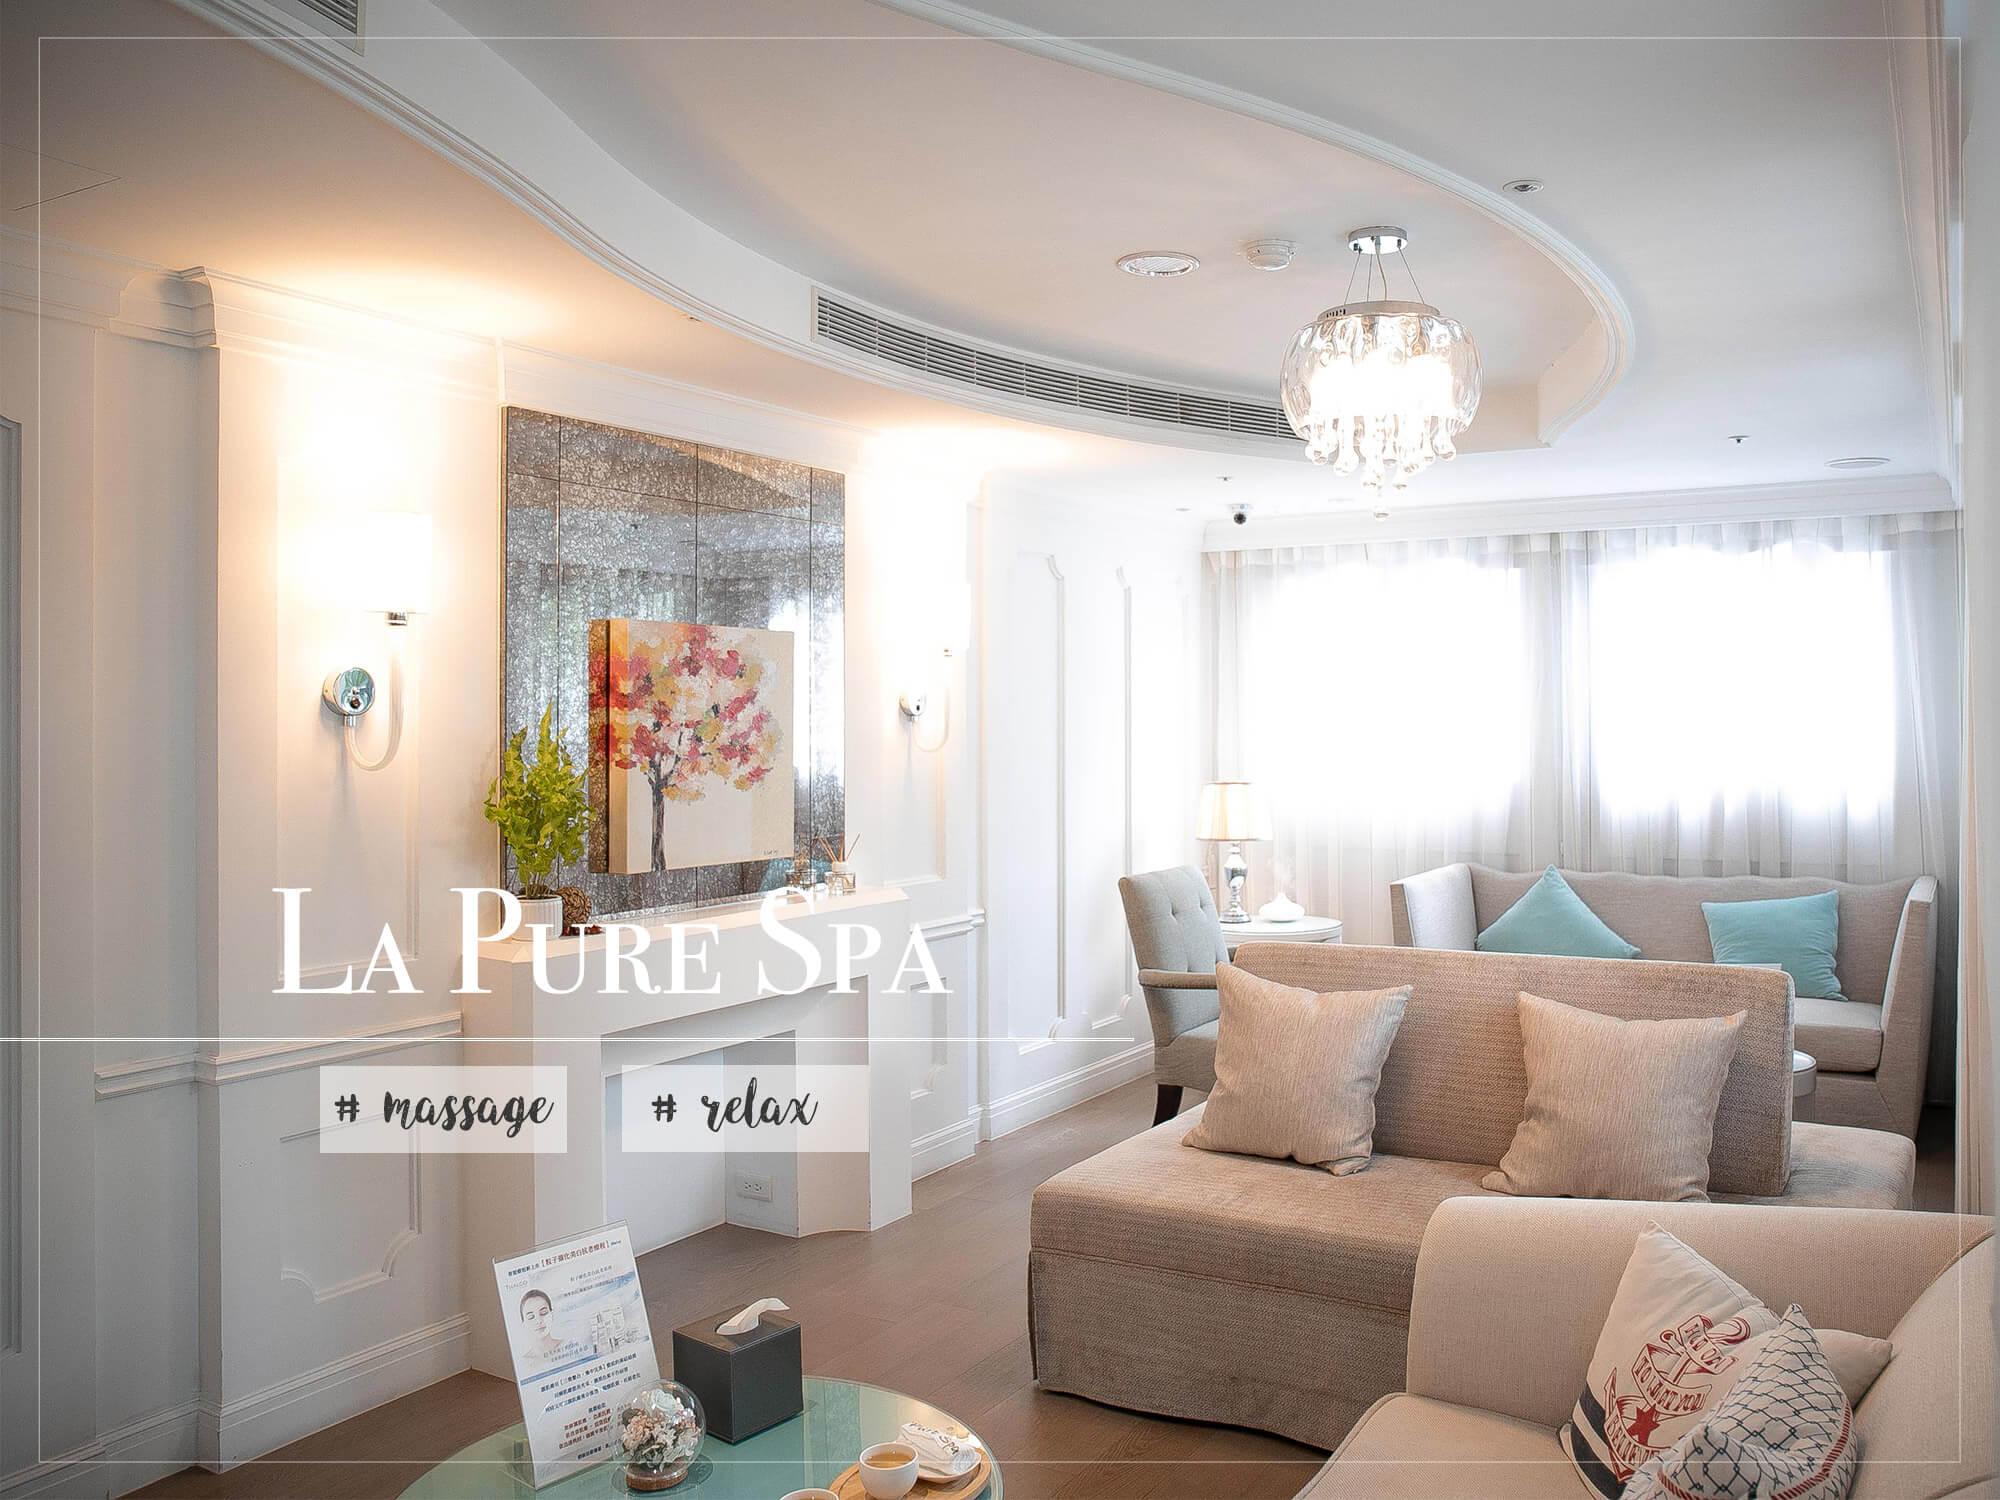 La Pure SPA仁愛旗艦|與姐妹午茶SPA的好去處,飯店規格包廂&典雅採光休息區,精油全身按摩超舒服!